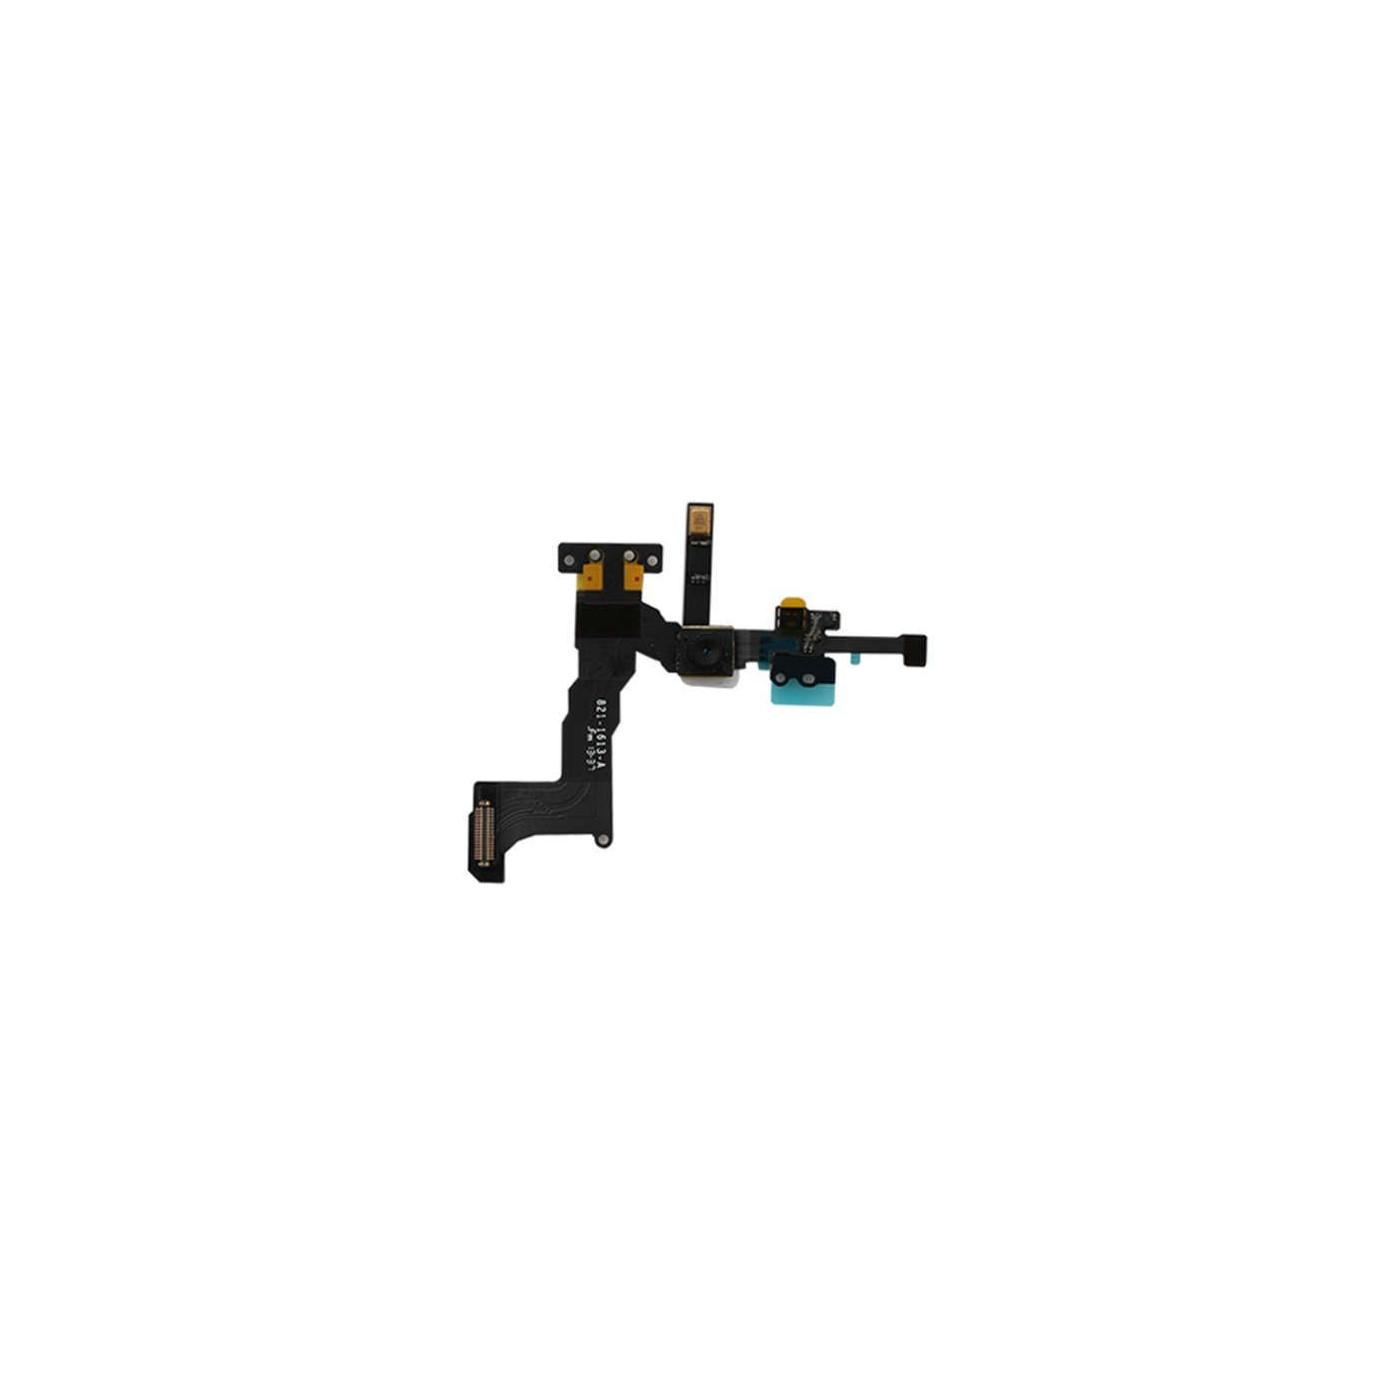 Caméra frontale pour iphone 5s flex capteur de proximité câble plat